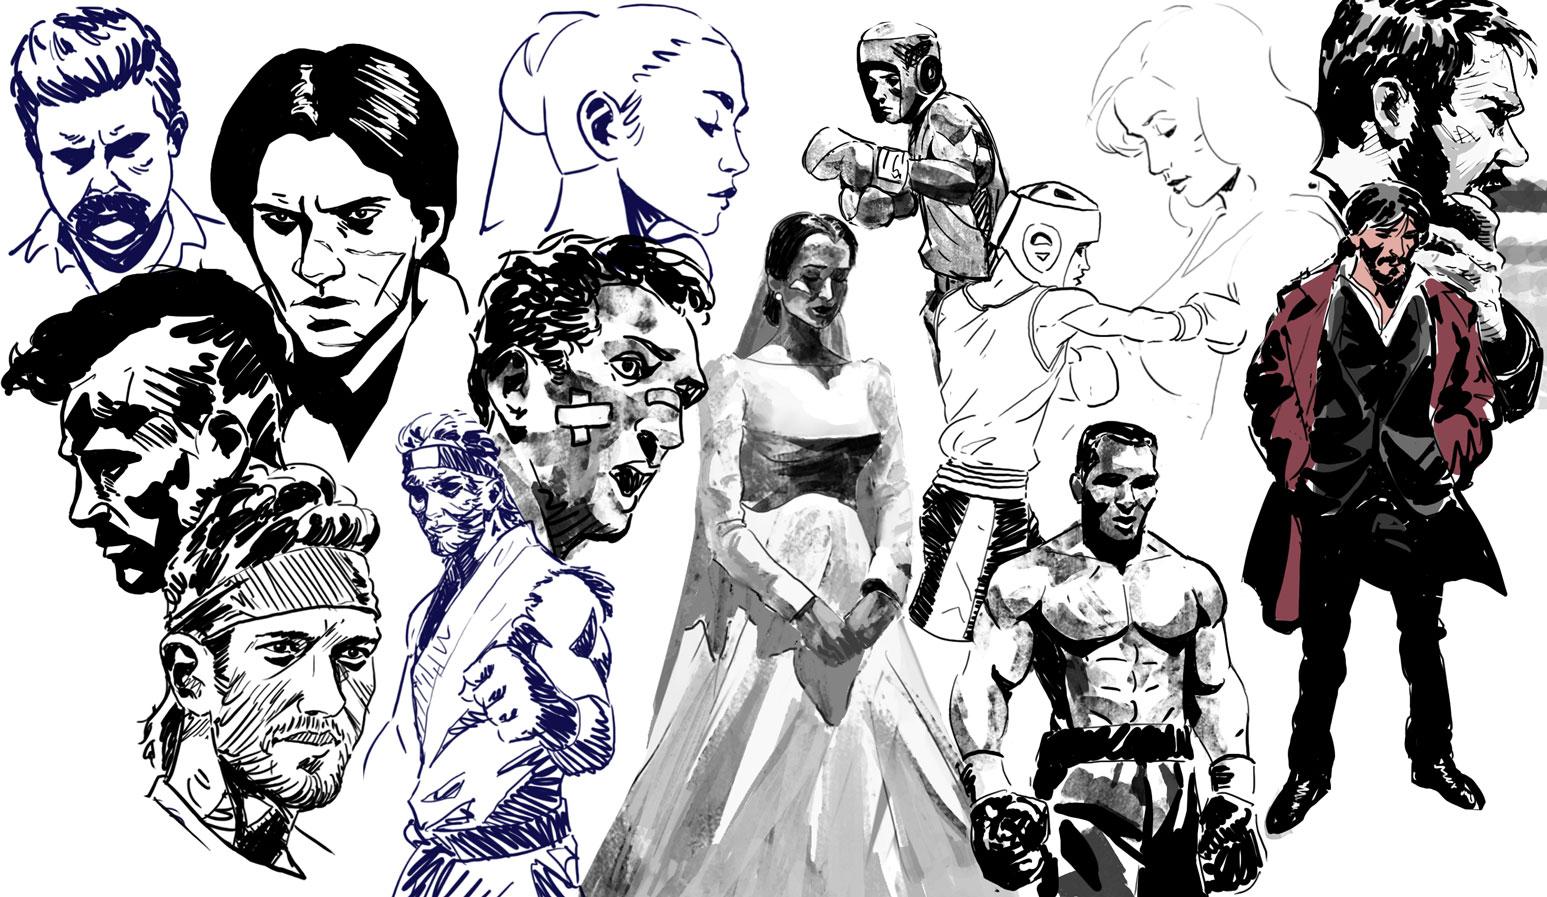 Galerie de dessins, illustrations, divers travaux...  - Page 6 1525741085-sketchs